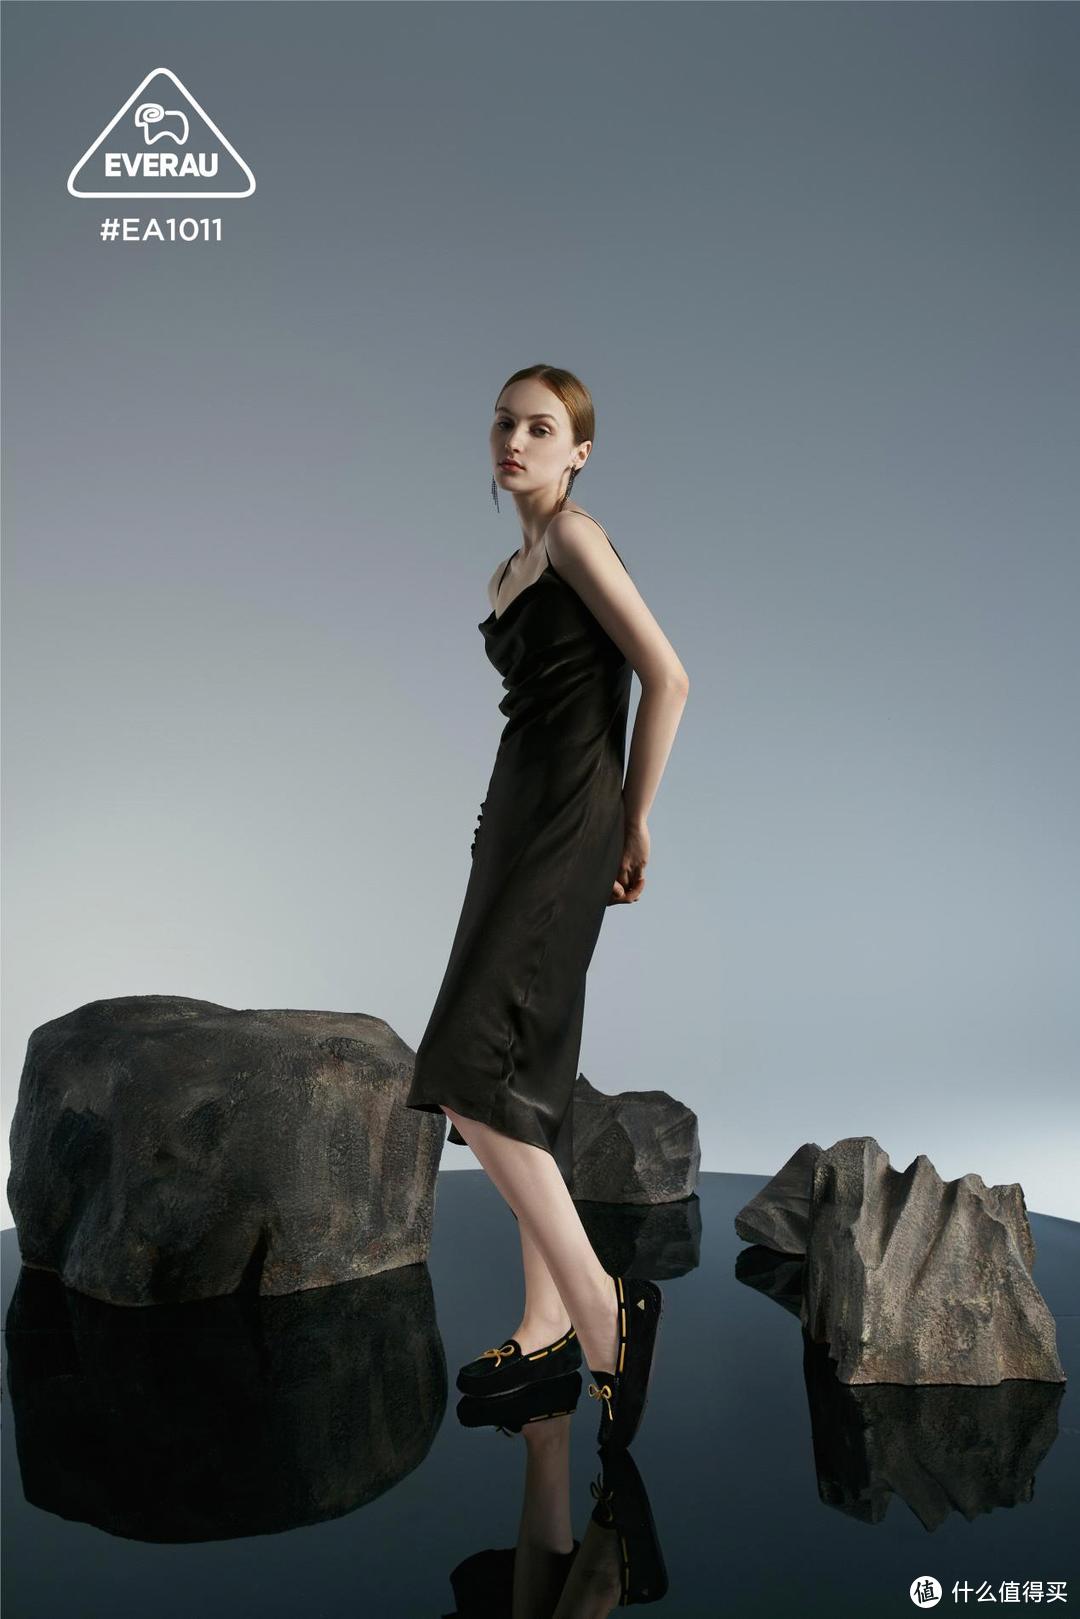 """今夏最火爆的连衣裙,堪称""""过膝不过踝"""",时髦、显瘦还增高!"""